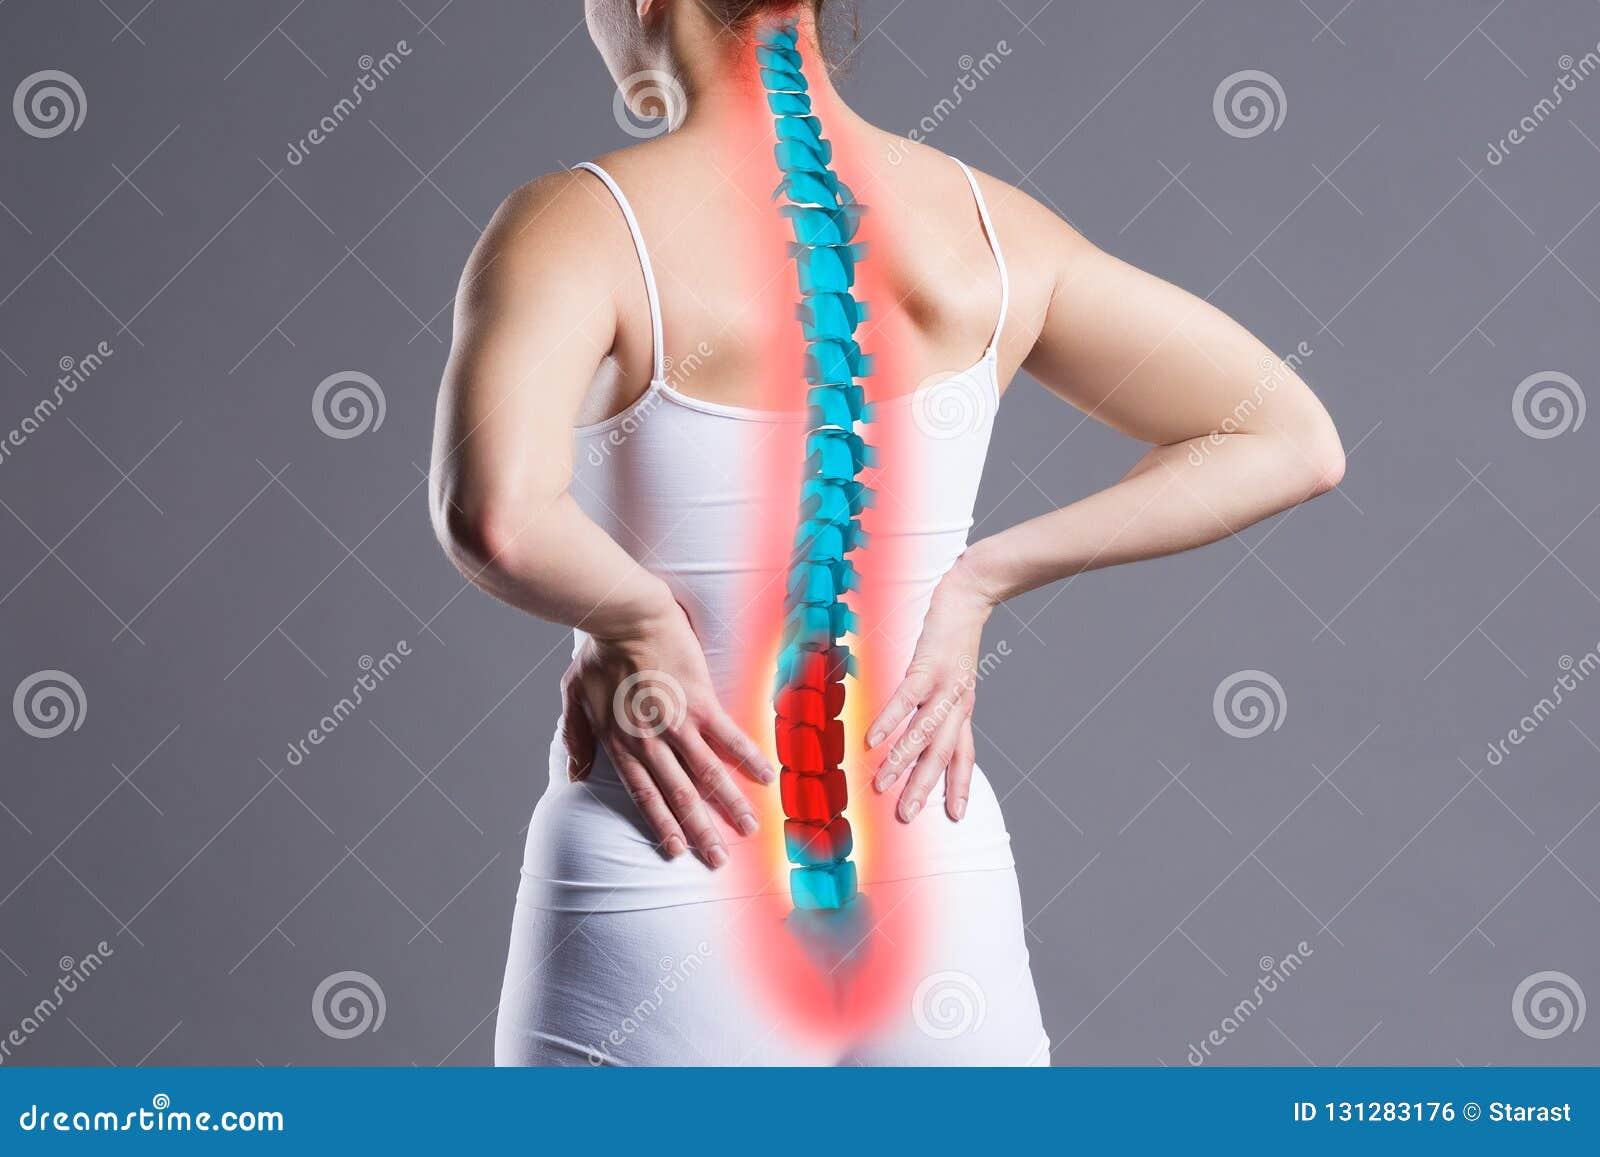 Pijn in de stekel, vrouw met rugpijn op grijze achtergrond, rugletsel